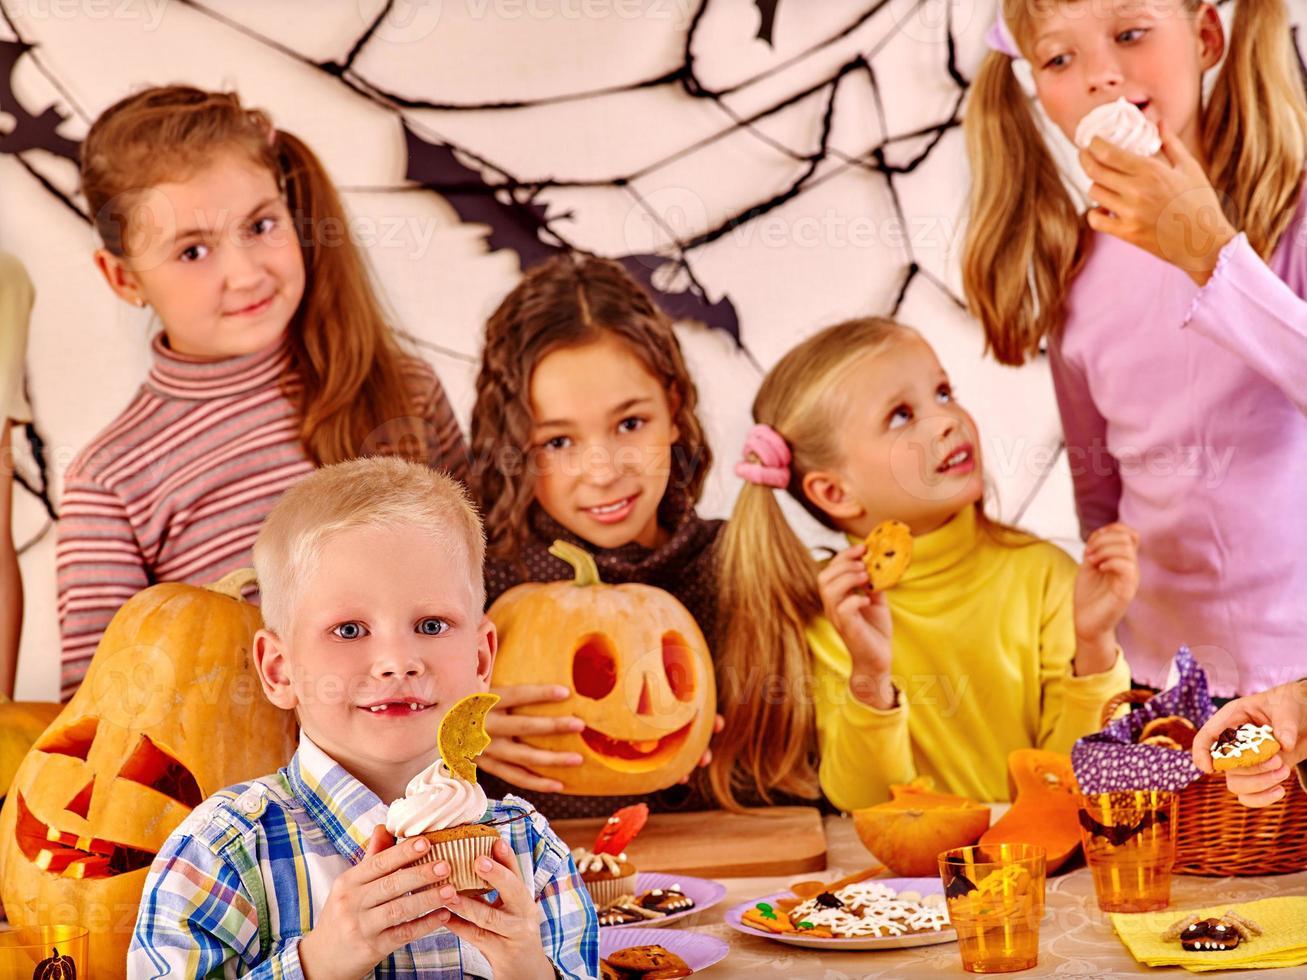 famiglia sulla festa di halloween con i bambini foto